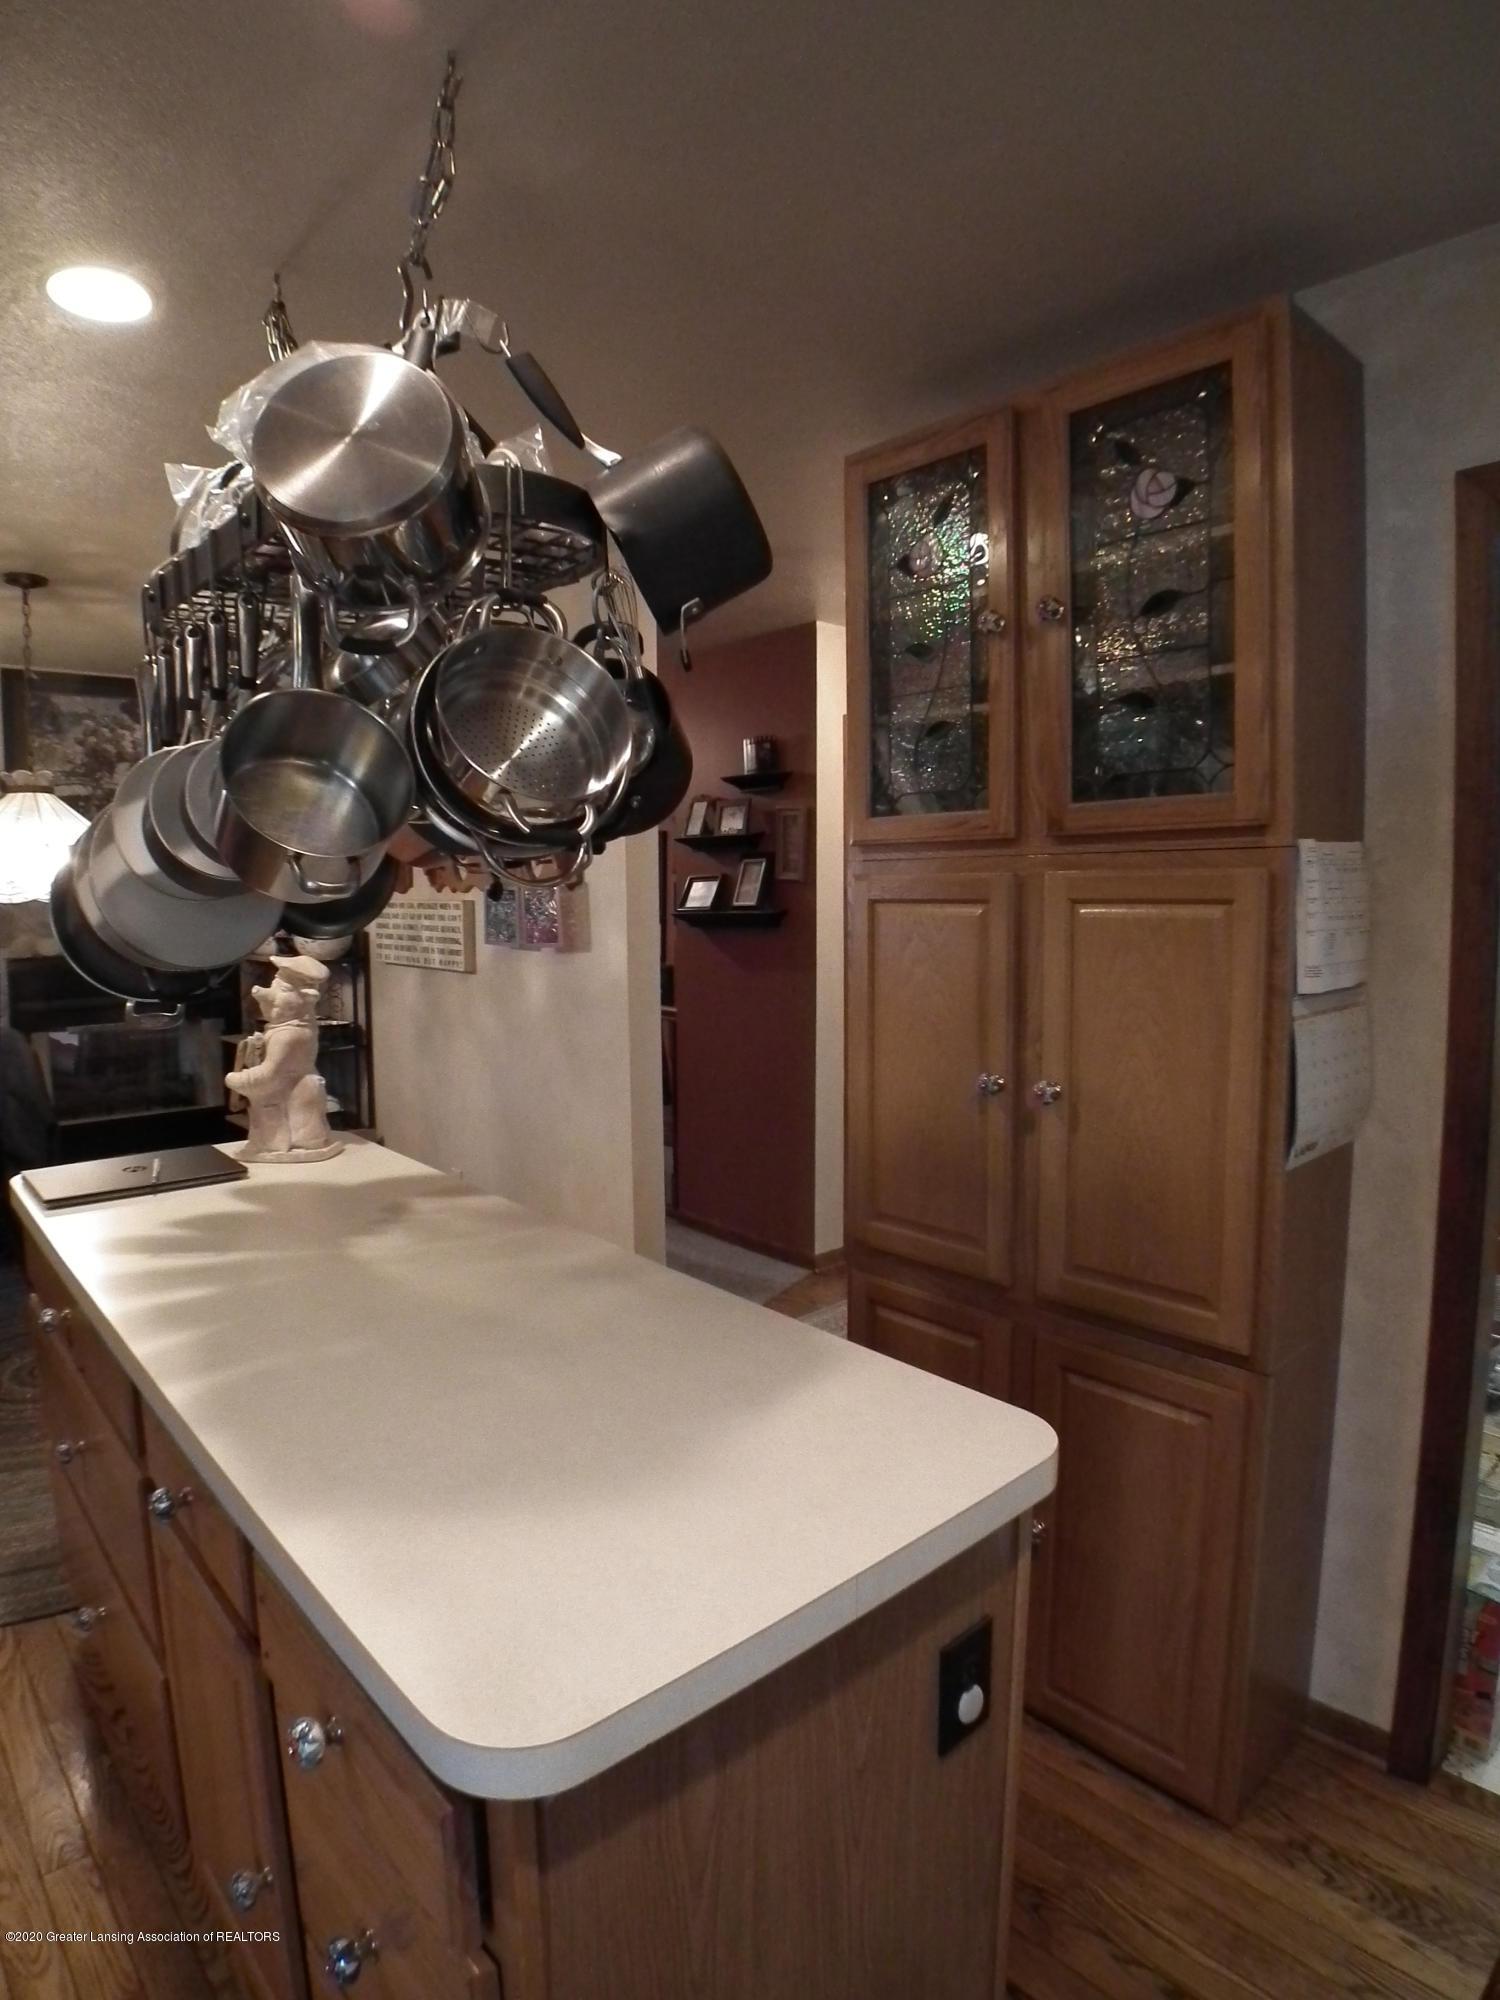 1727 S Waverly Rd - Kitchen 3 - 11